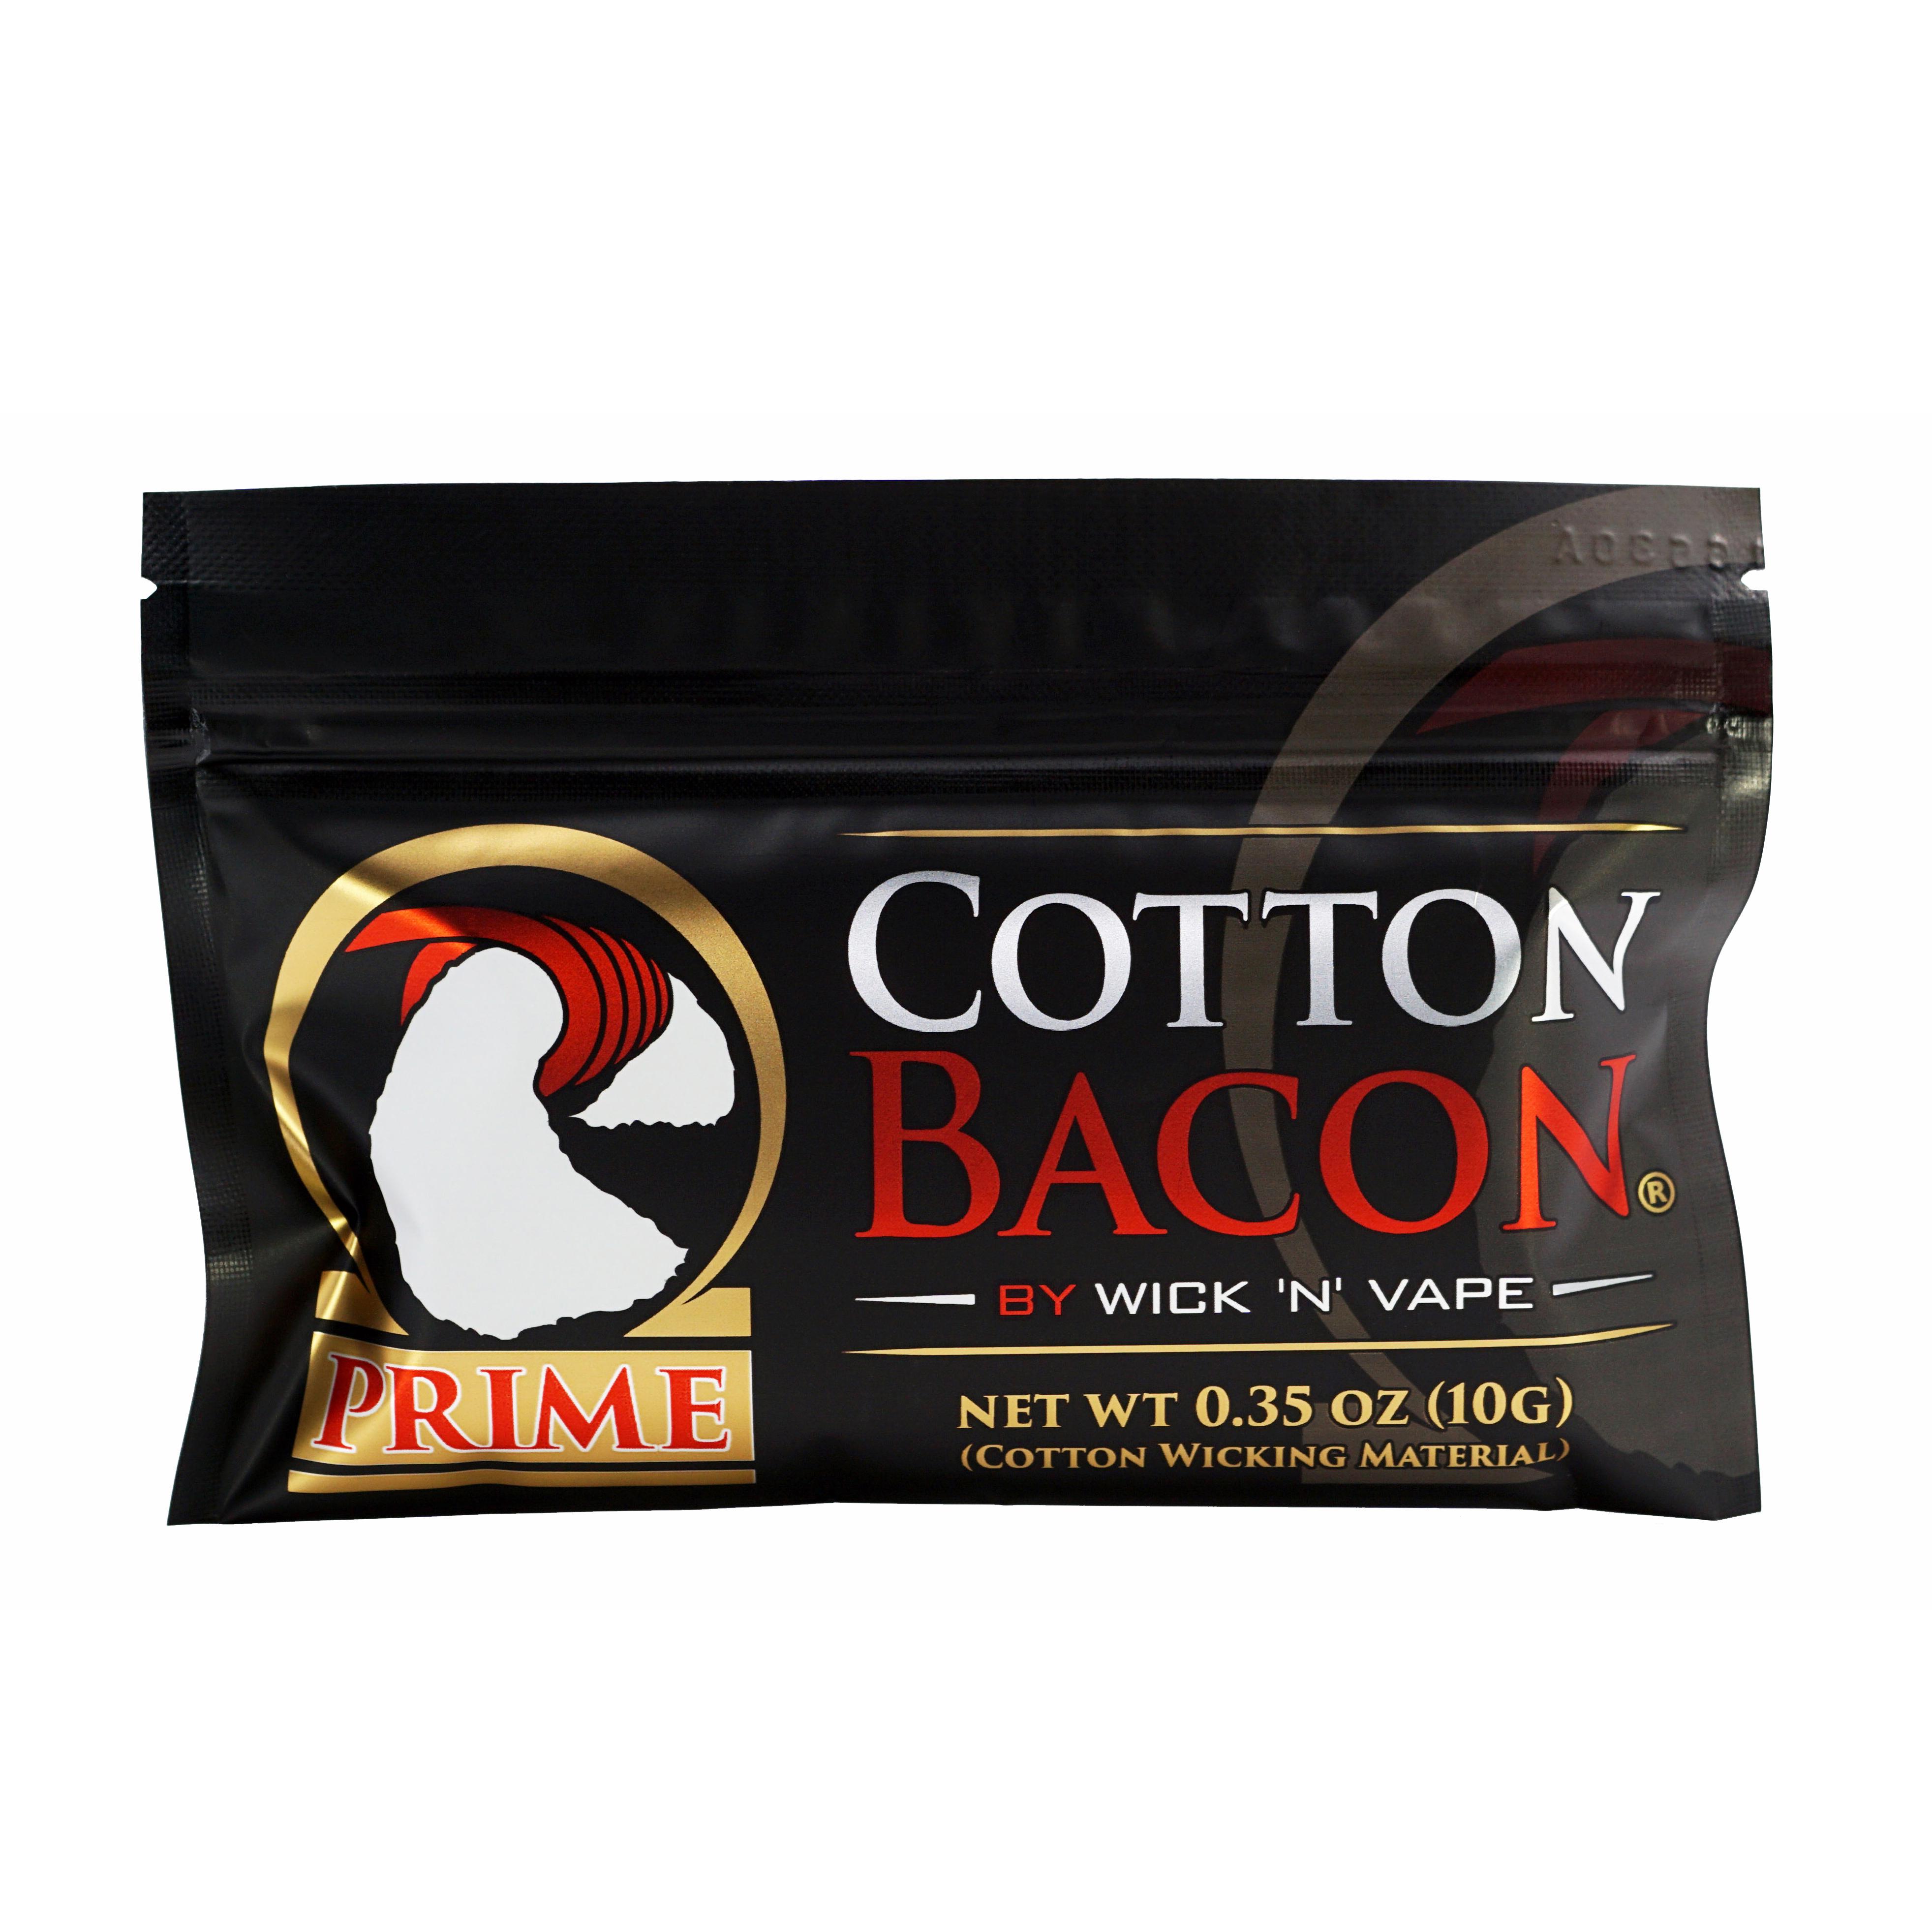 Wick 'N' Vape – Cotton Bacon Prime